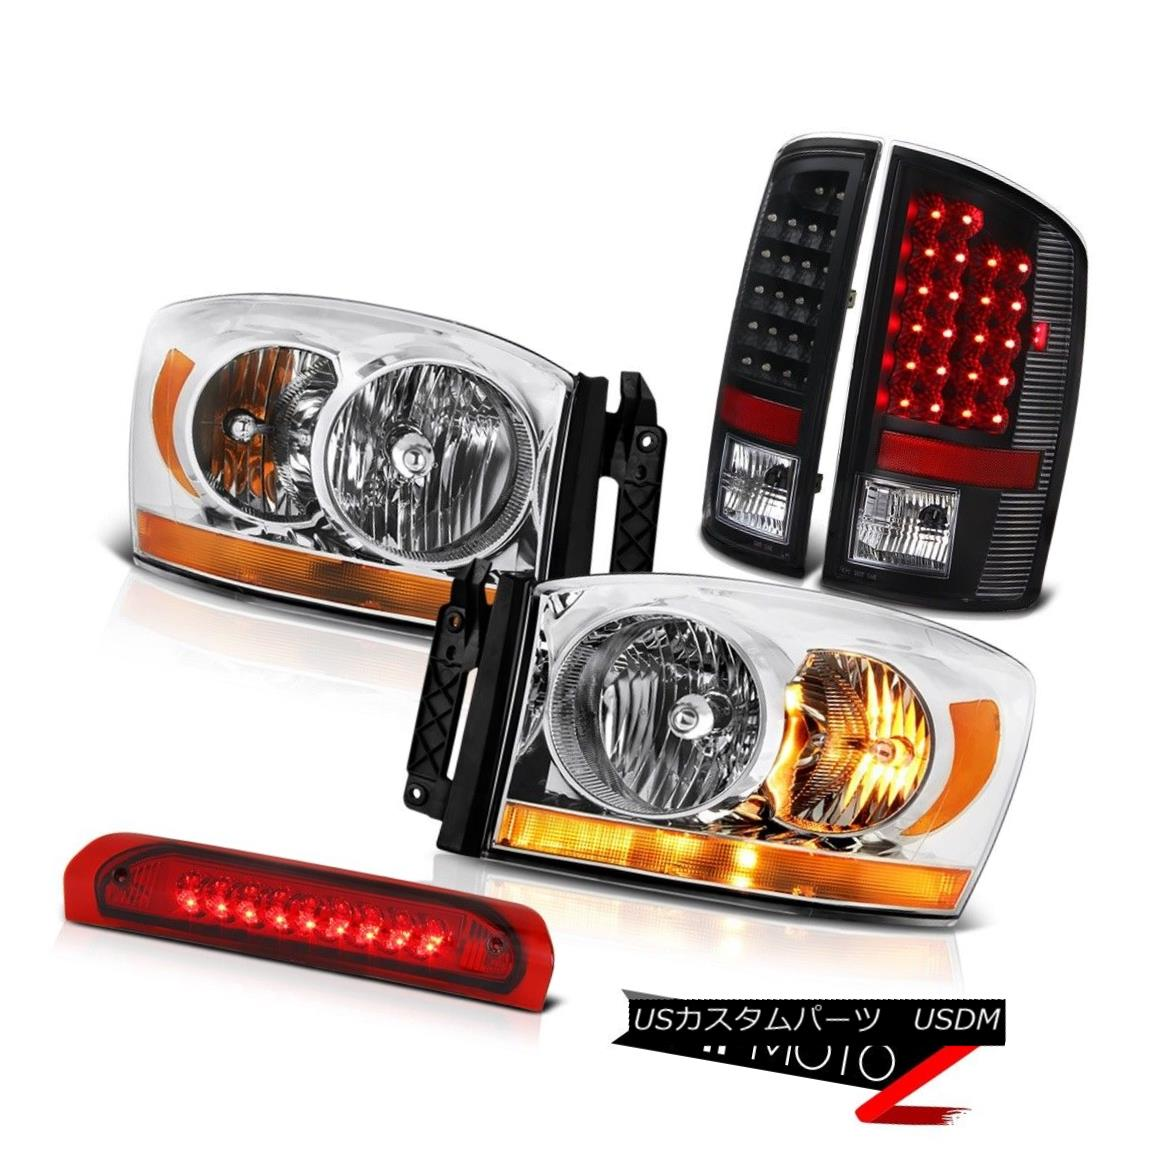 ヘッドライト 2007-2009 Dodge Ram 3500 5.7L Clear Chrome Headlights 3RD Brake Lamp Rear Lights 2007-2009 Dodge Ram 3500 5.7Lクリアクロームヘッドライト3RDブレーキランプリアライト